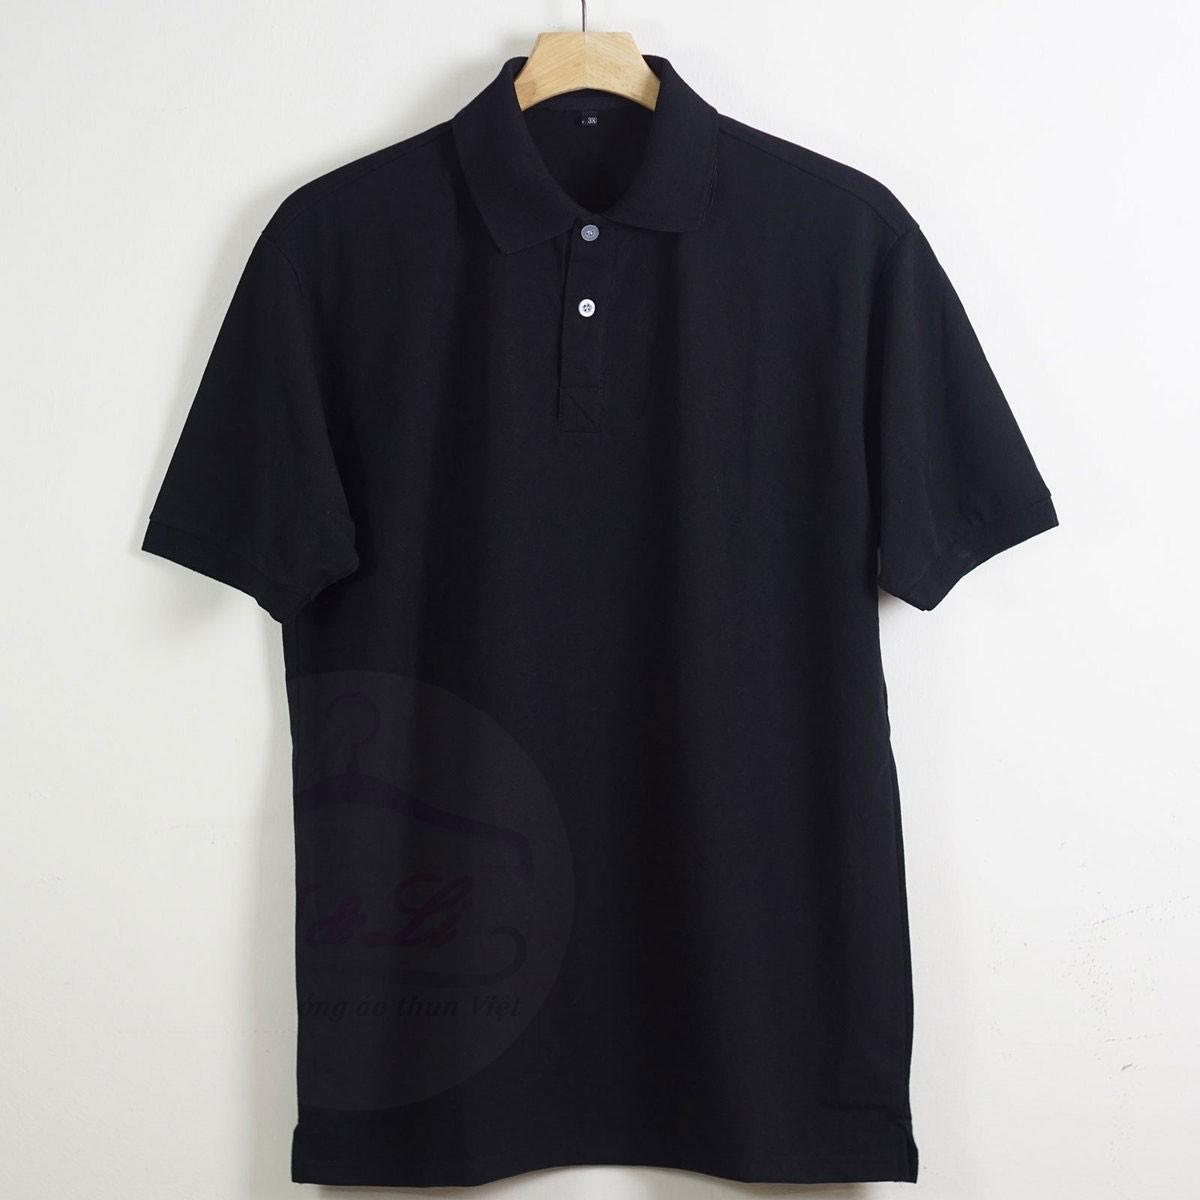 Áo thun đồng phục cổ bẻ tay ngắn màu đen